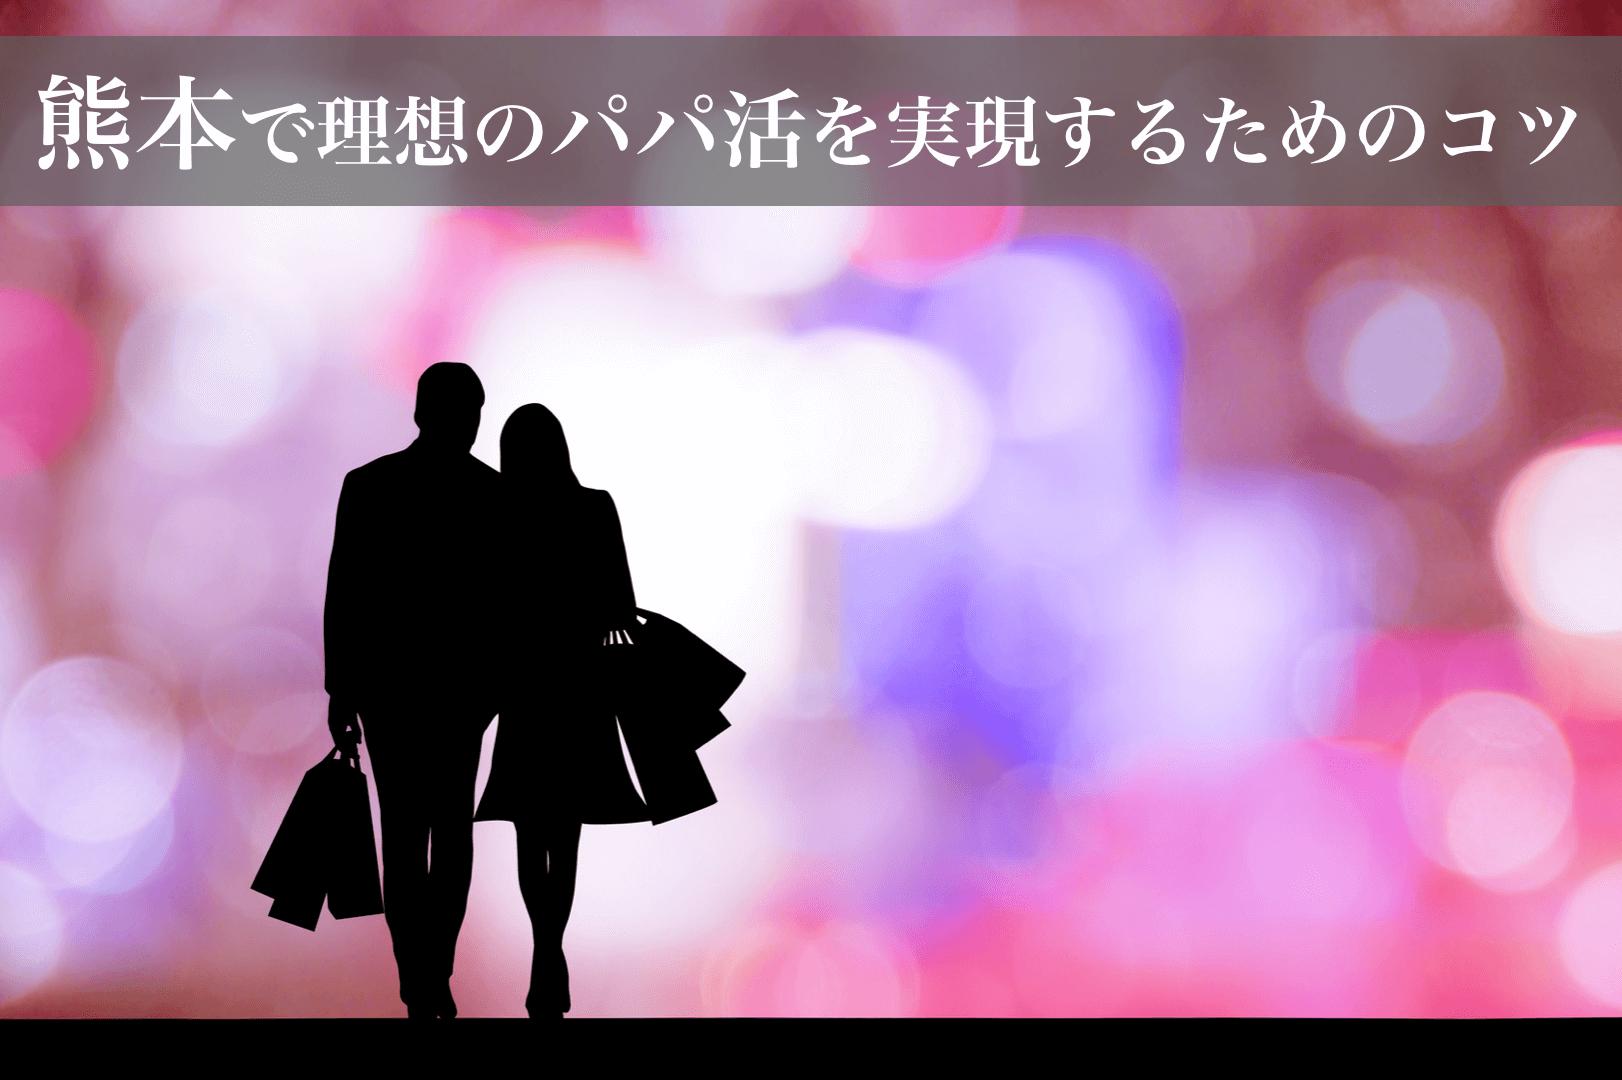 熊本で理想のパパ活を実現するためのコツ